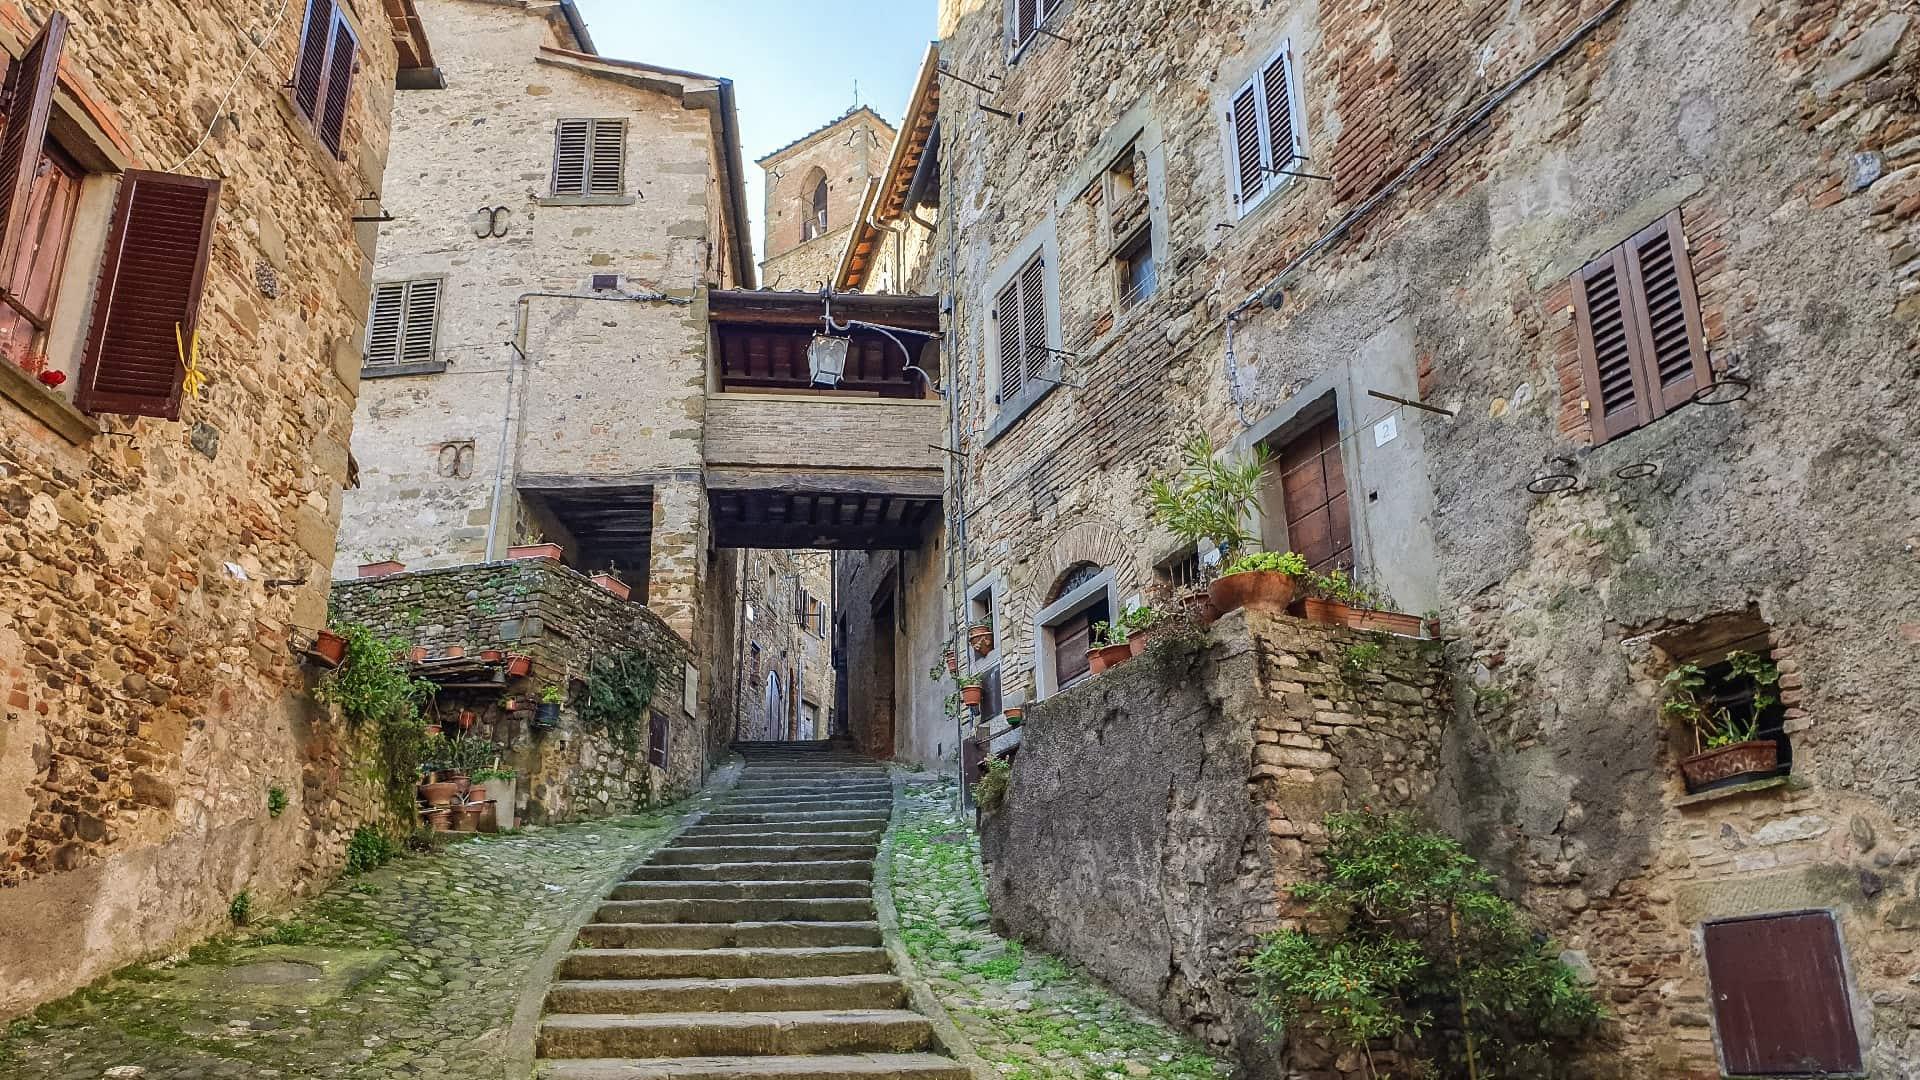 Una via scalinata circondata da case in pietra, che porta alla torre dell'orologio di Anghiari il paese della battaglia. In fondo c'è un passaggio sopraelevato coperto che collega due abitazioni.